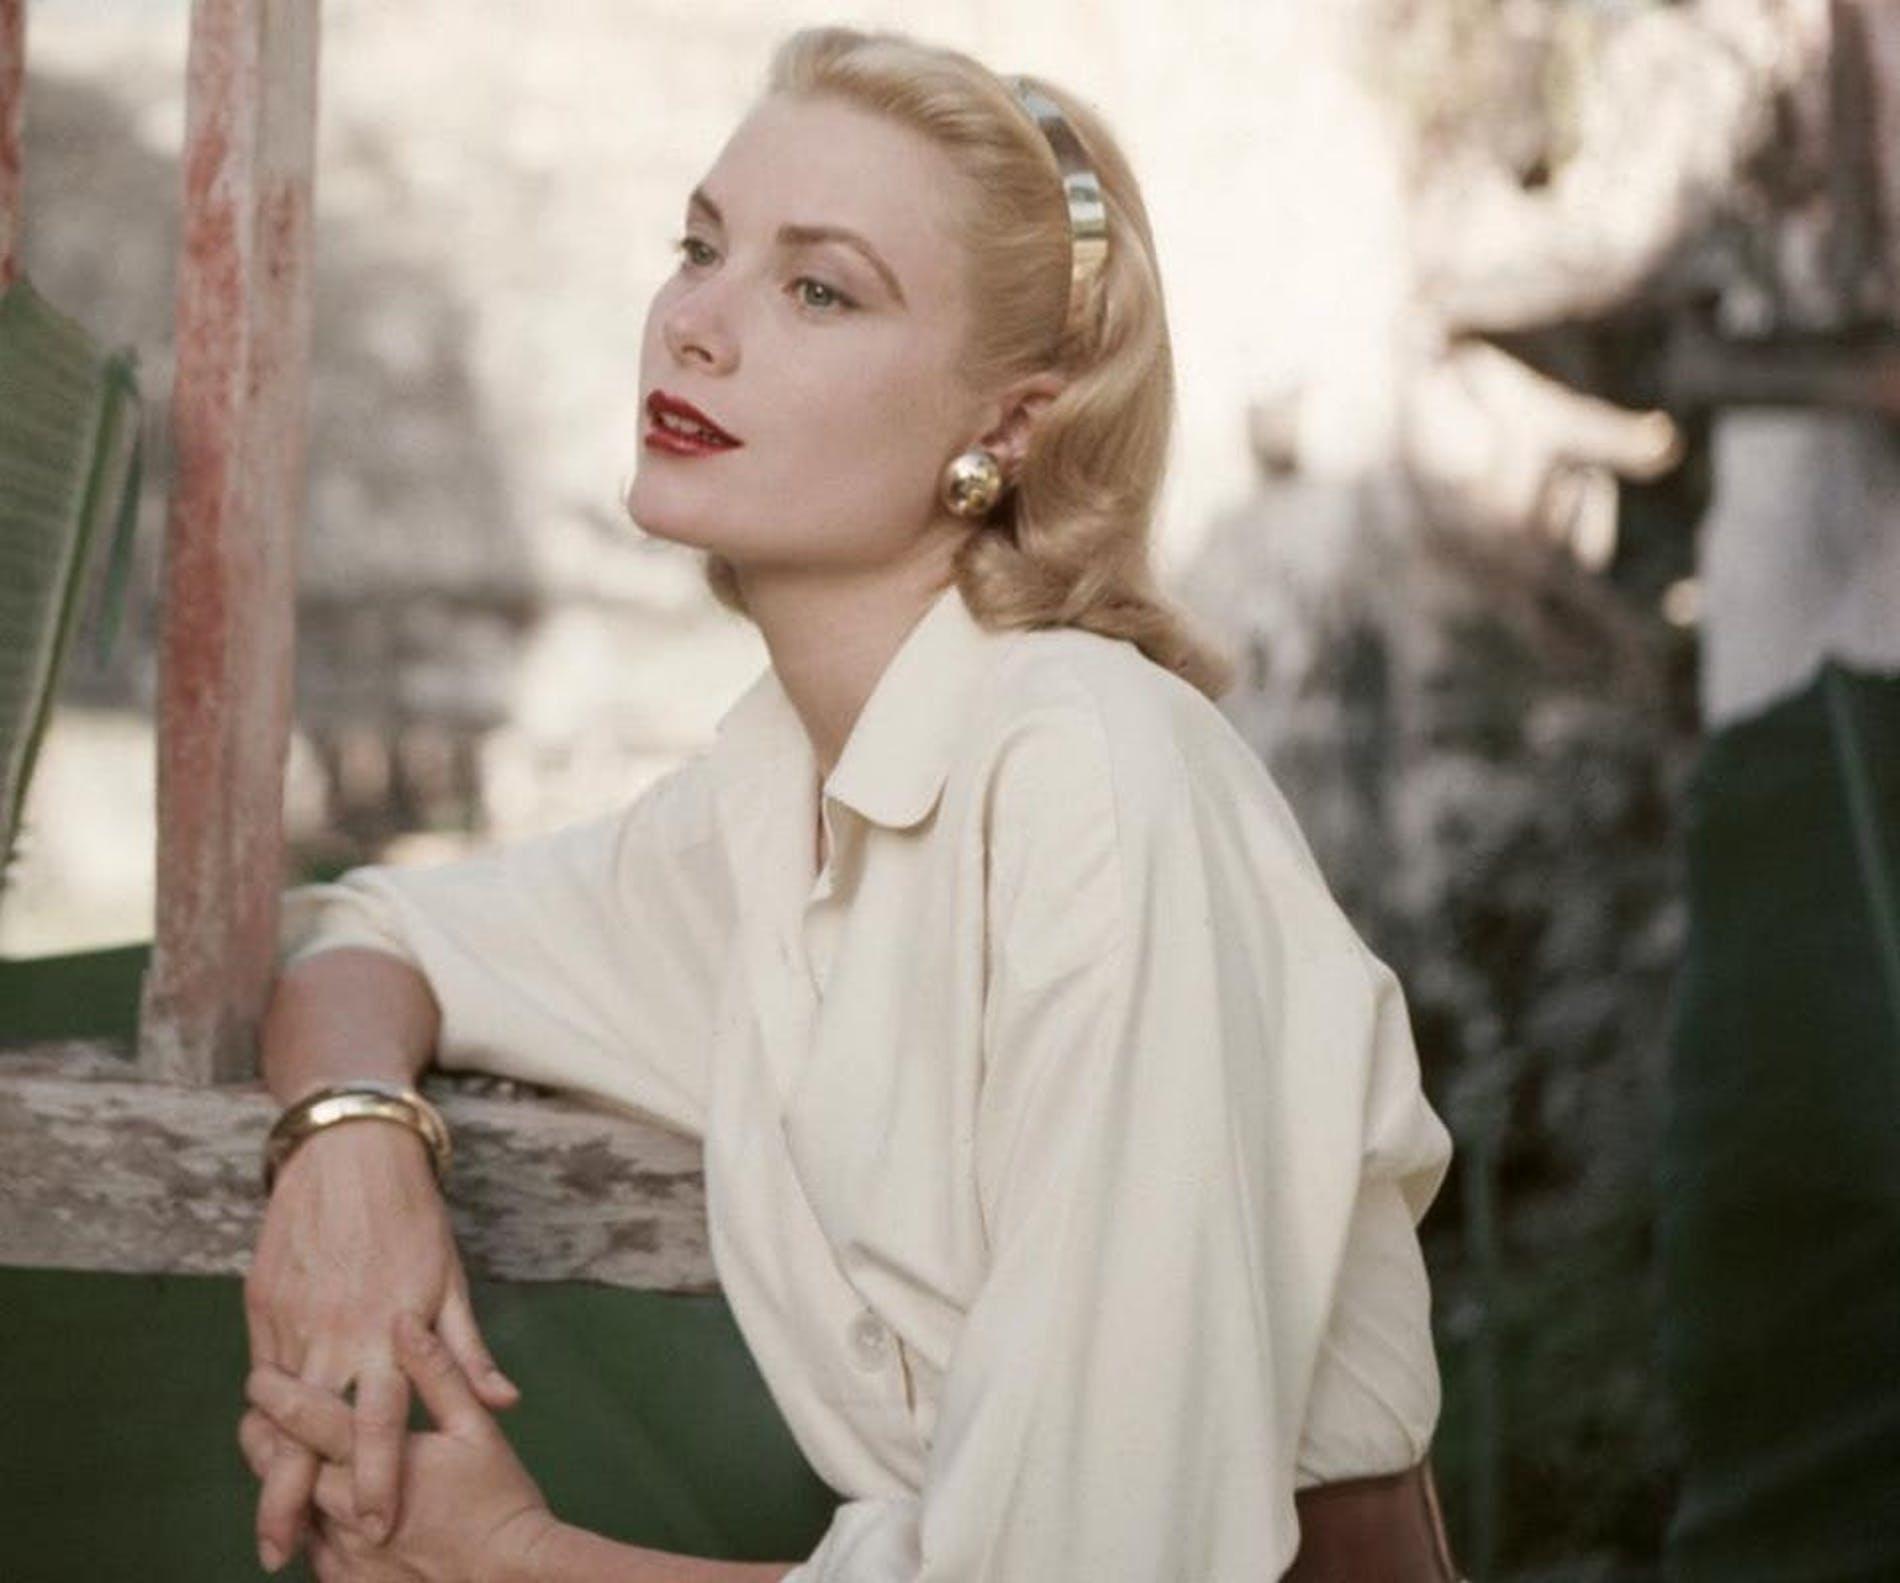 7 coisas que você não sabia sobre Grace Kelly, a estrela de Hollywood que virou princesa